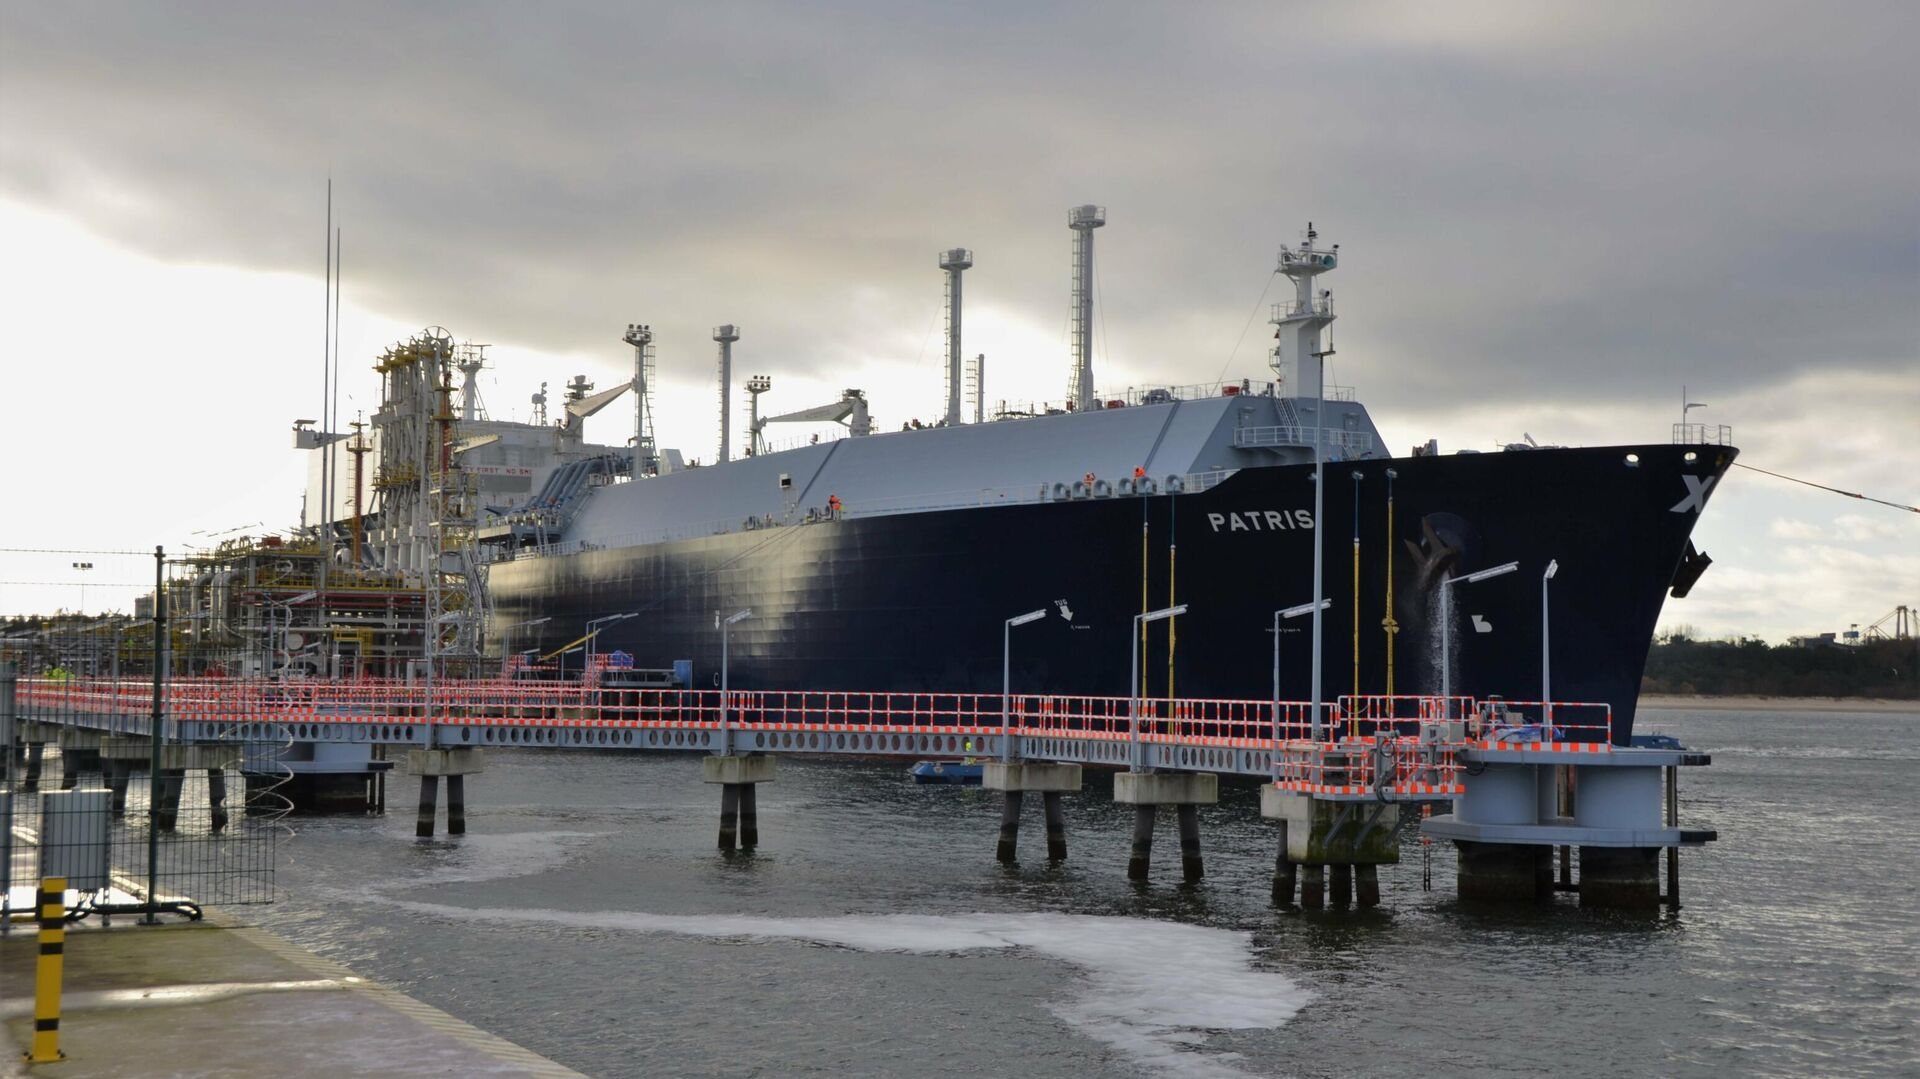 Американский танкер с сжиженным природным газом Patris в СПГ-терминале Свиноуйсьце в Польше - РИА Новости, 1920, 14.09.2020